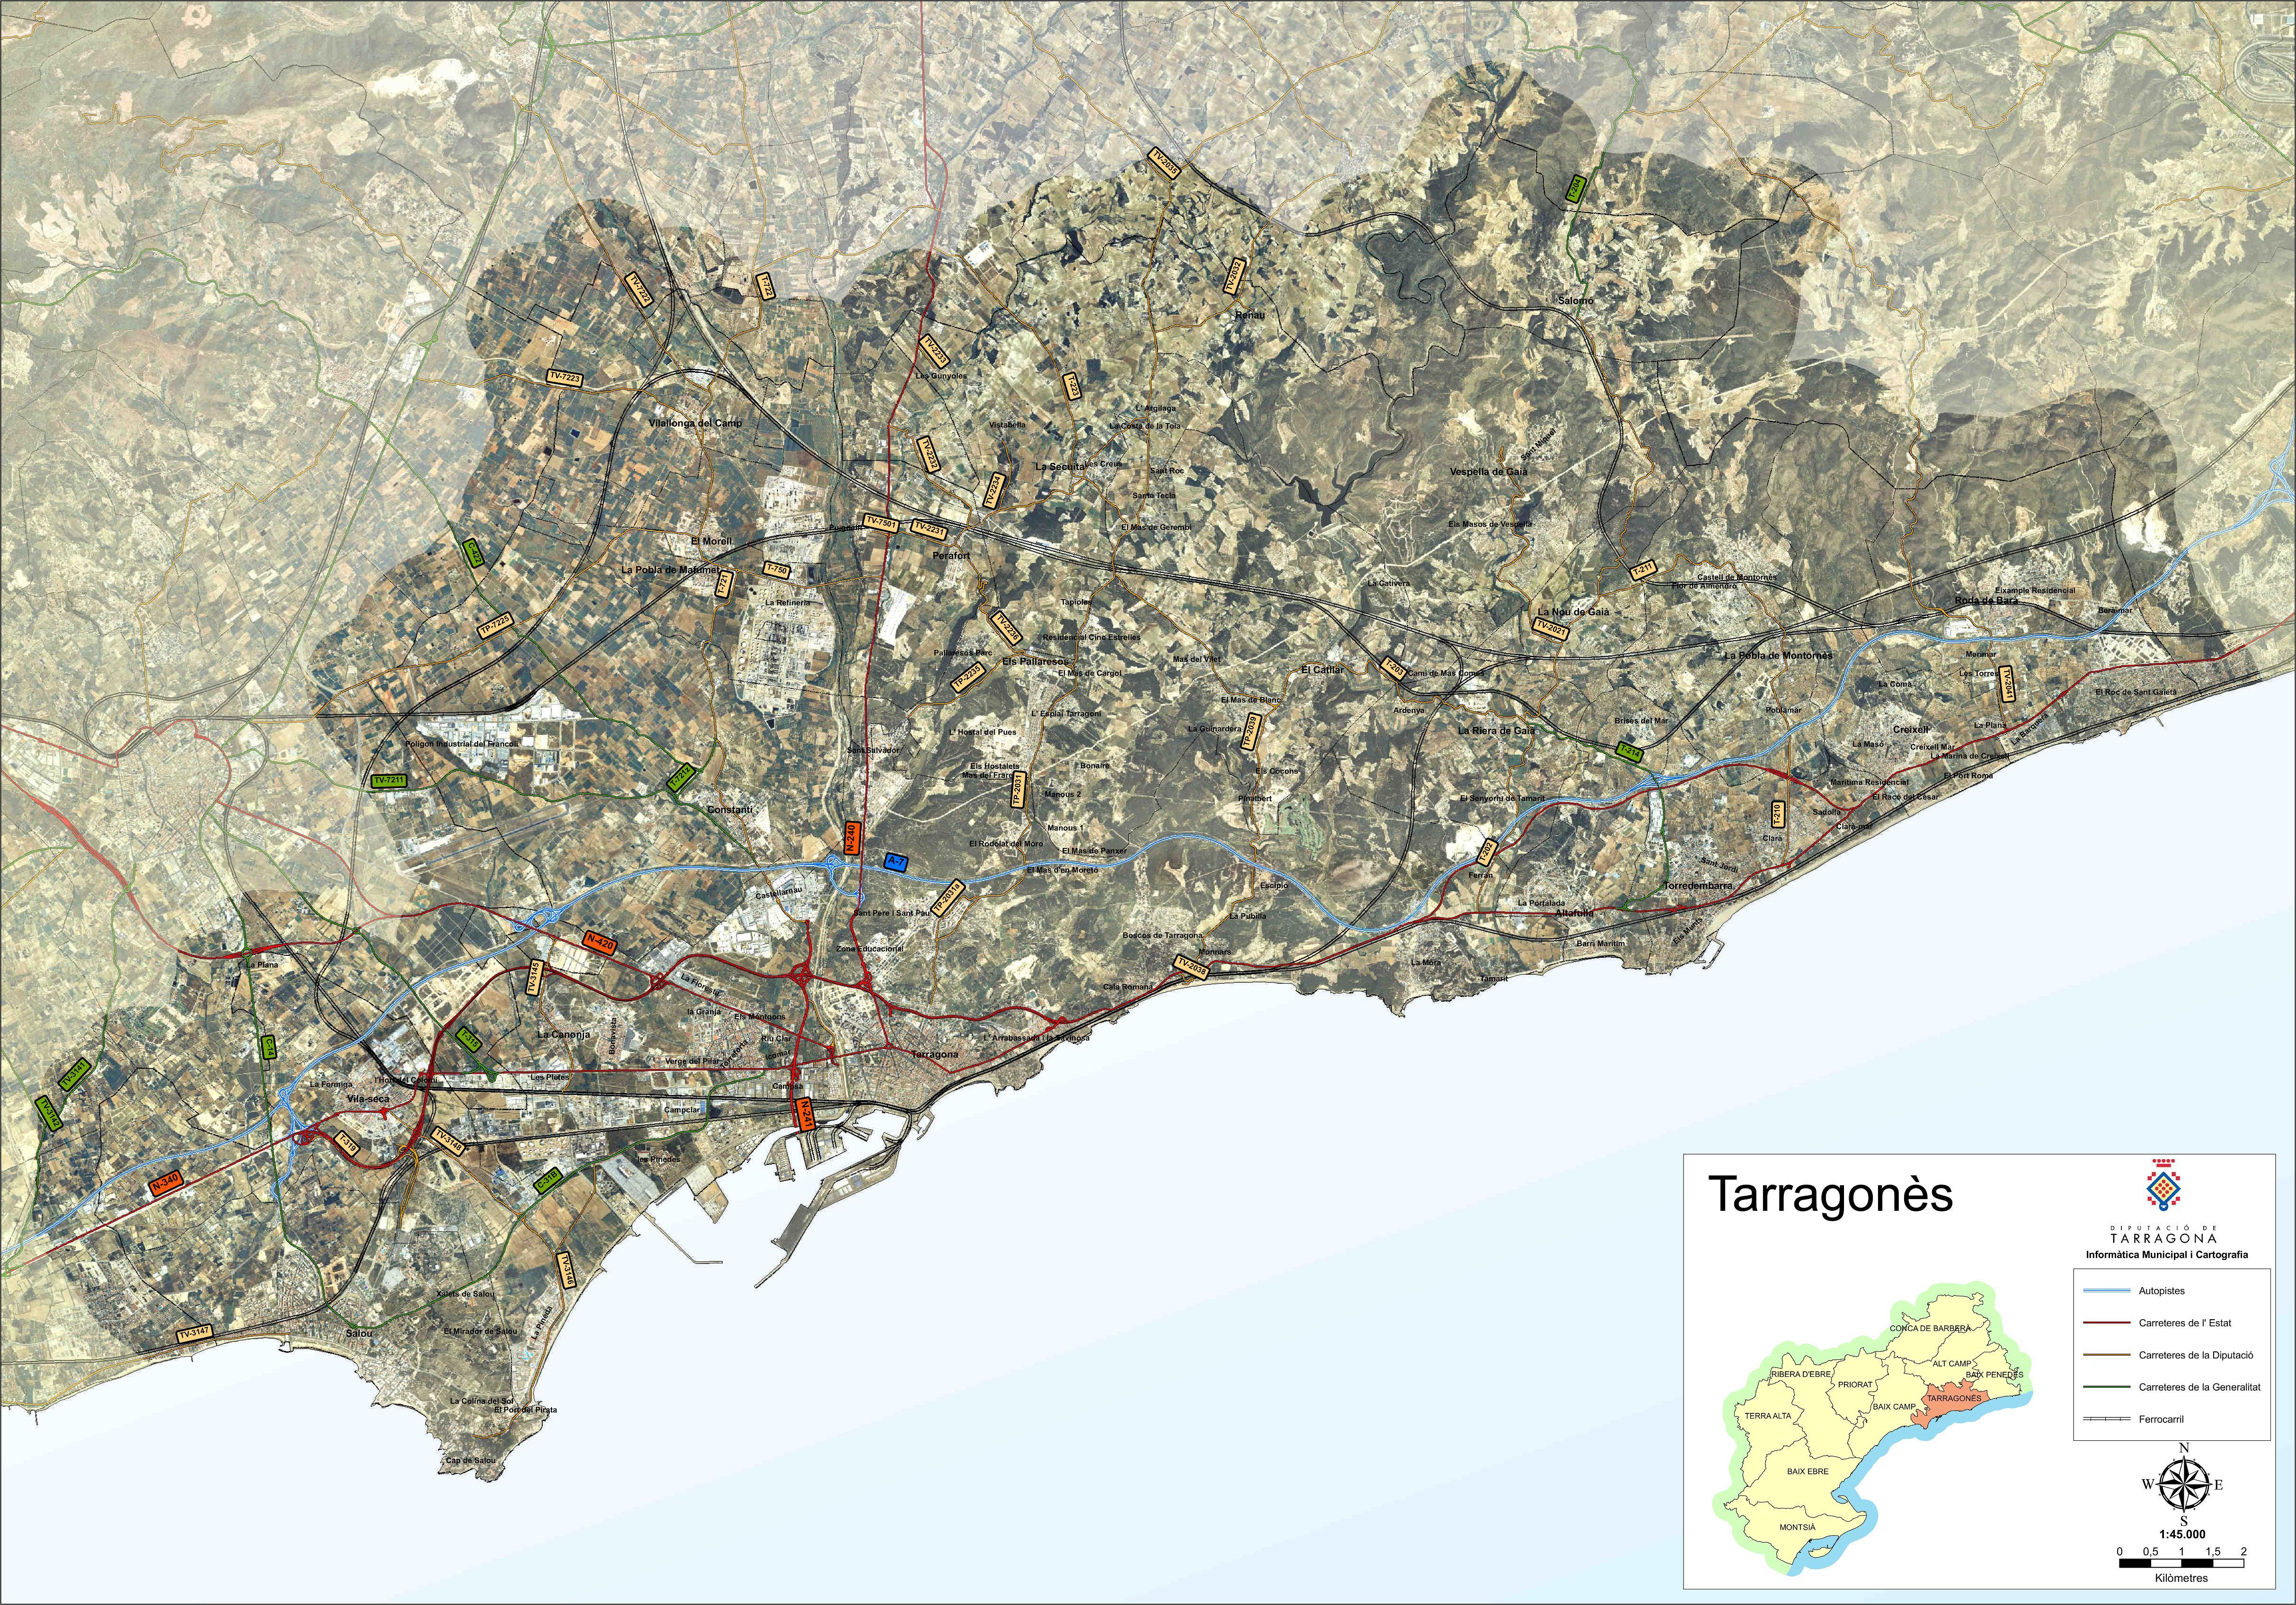 Mapa satelital con carreteras de la comarca de Tarragonès